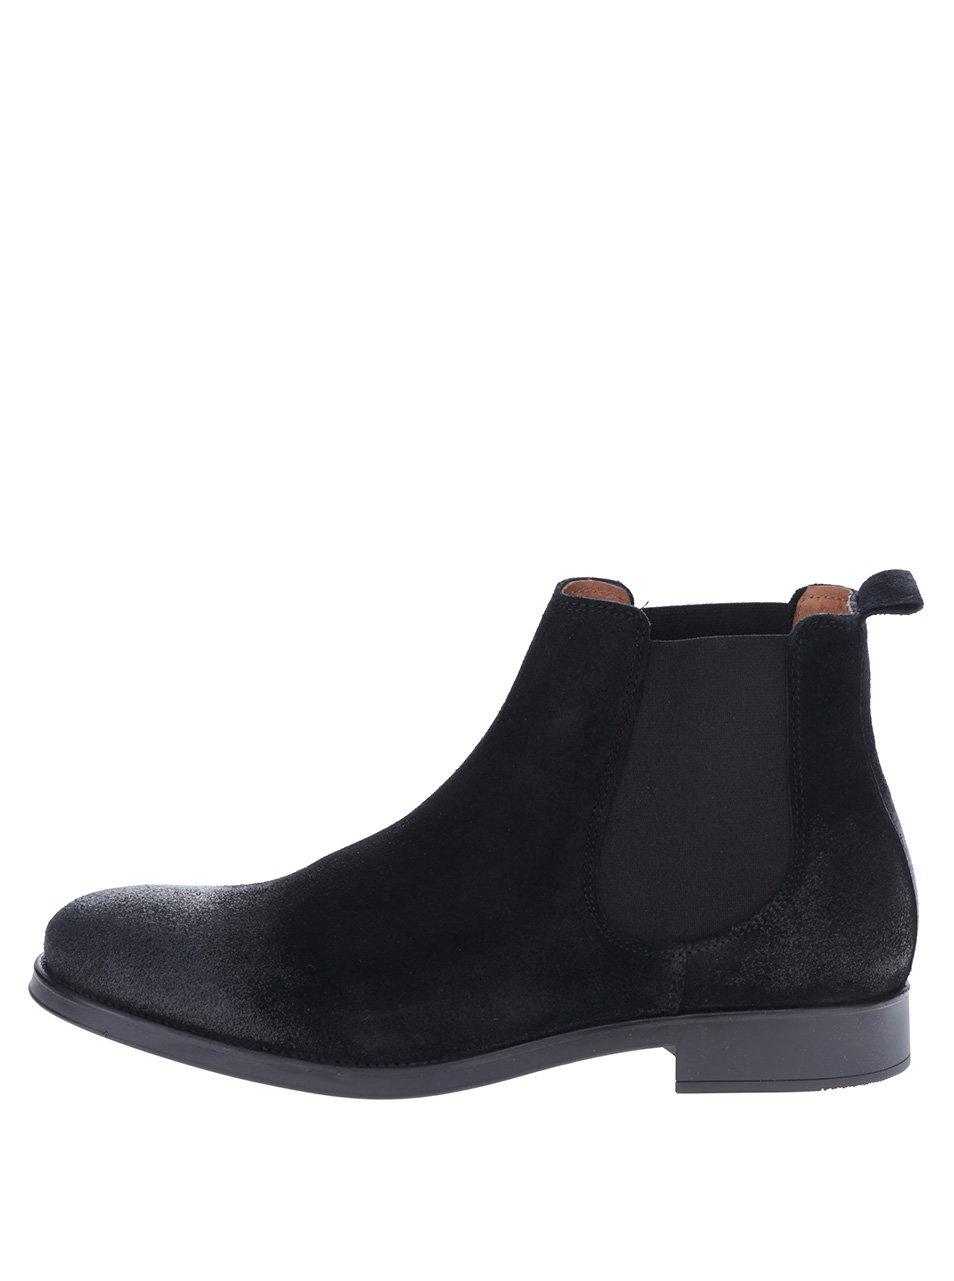 Černé semišové chelsea boty Selected Homme Oliver